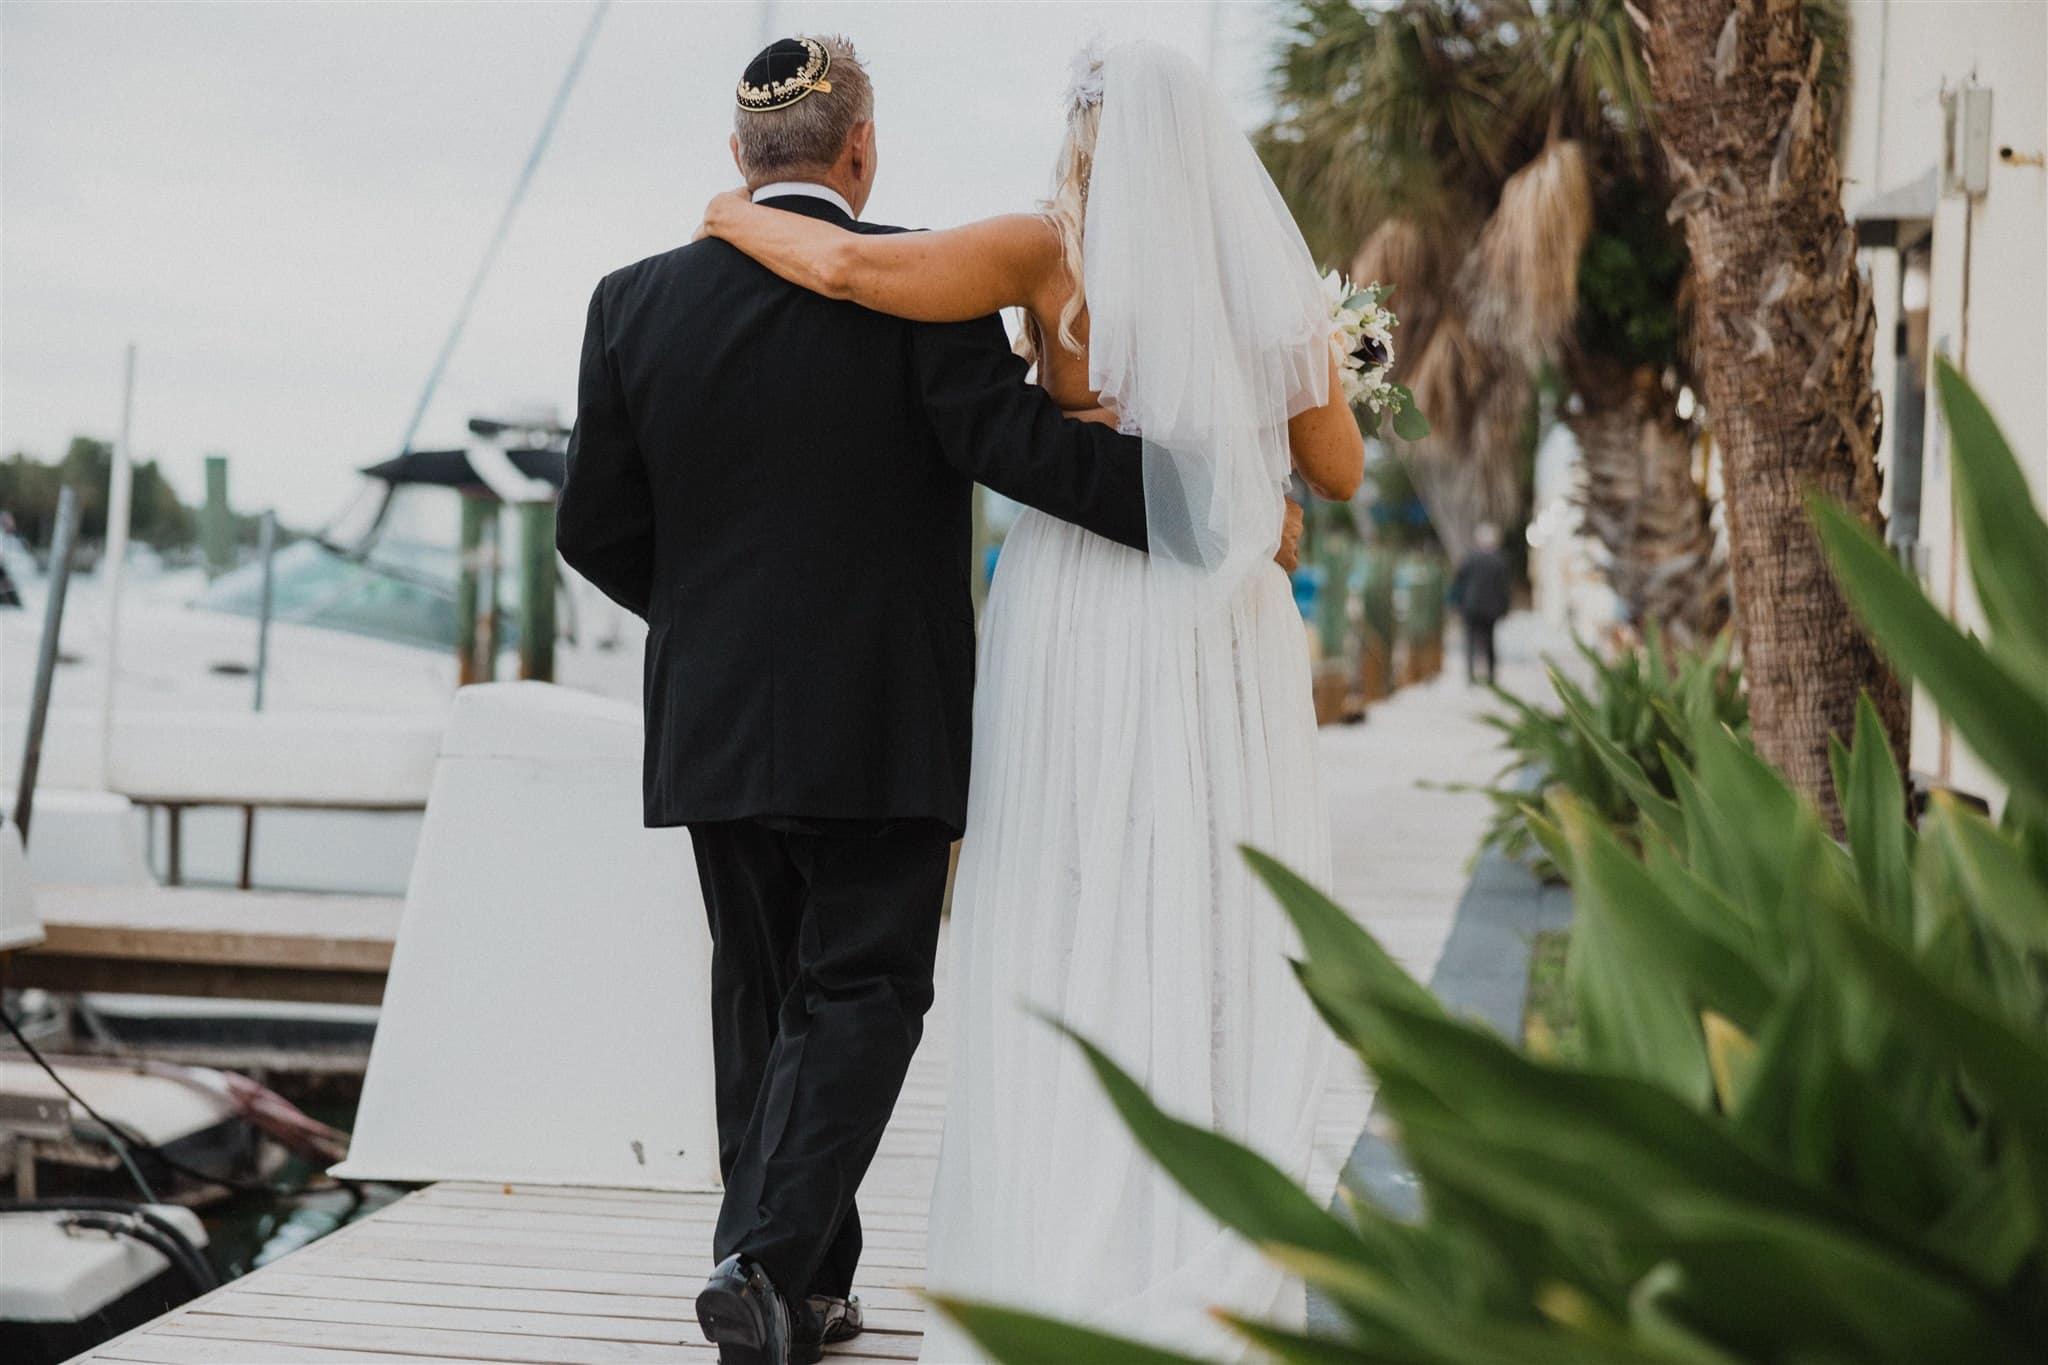 Miami Ceremony on the beach